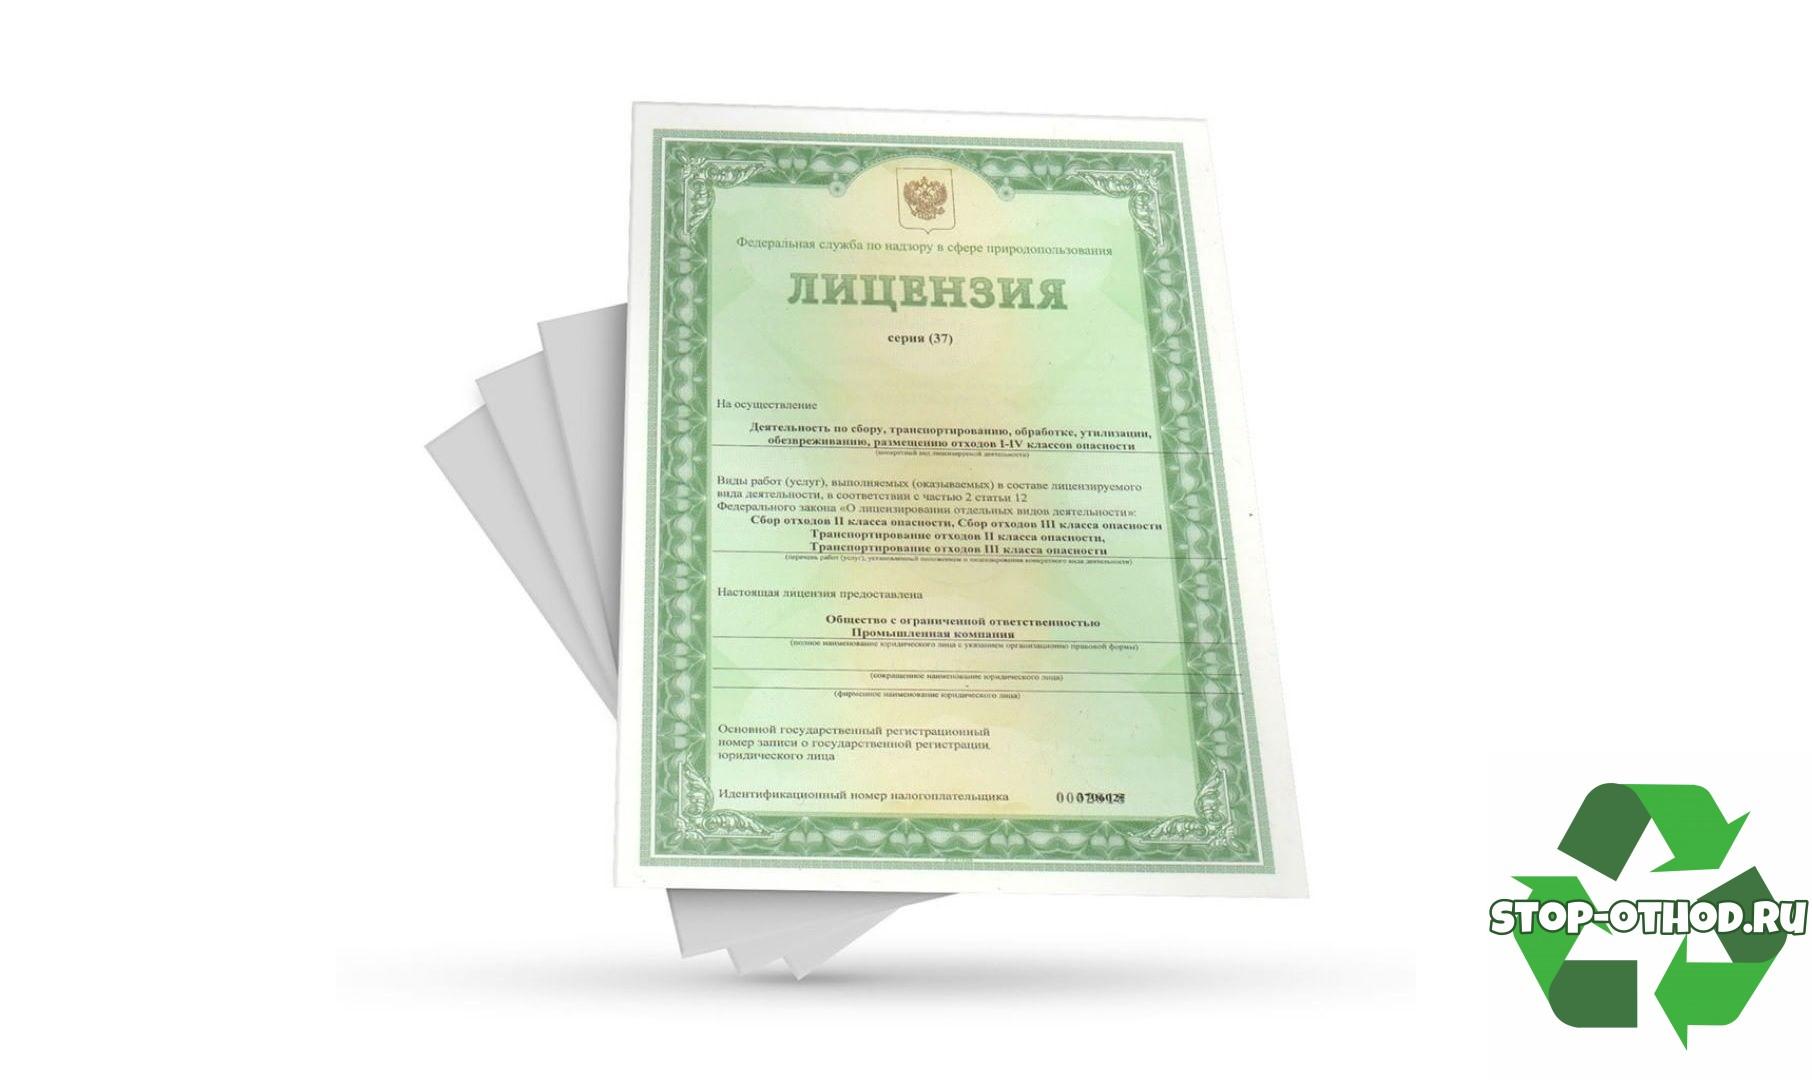 лицензия на отходы 1-4 кл опасности